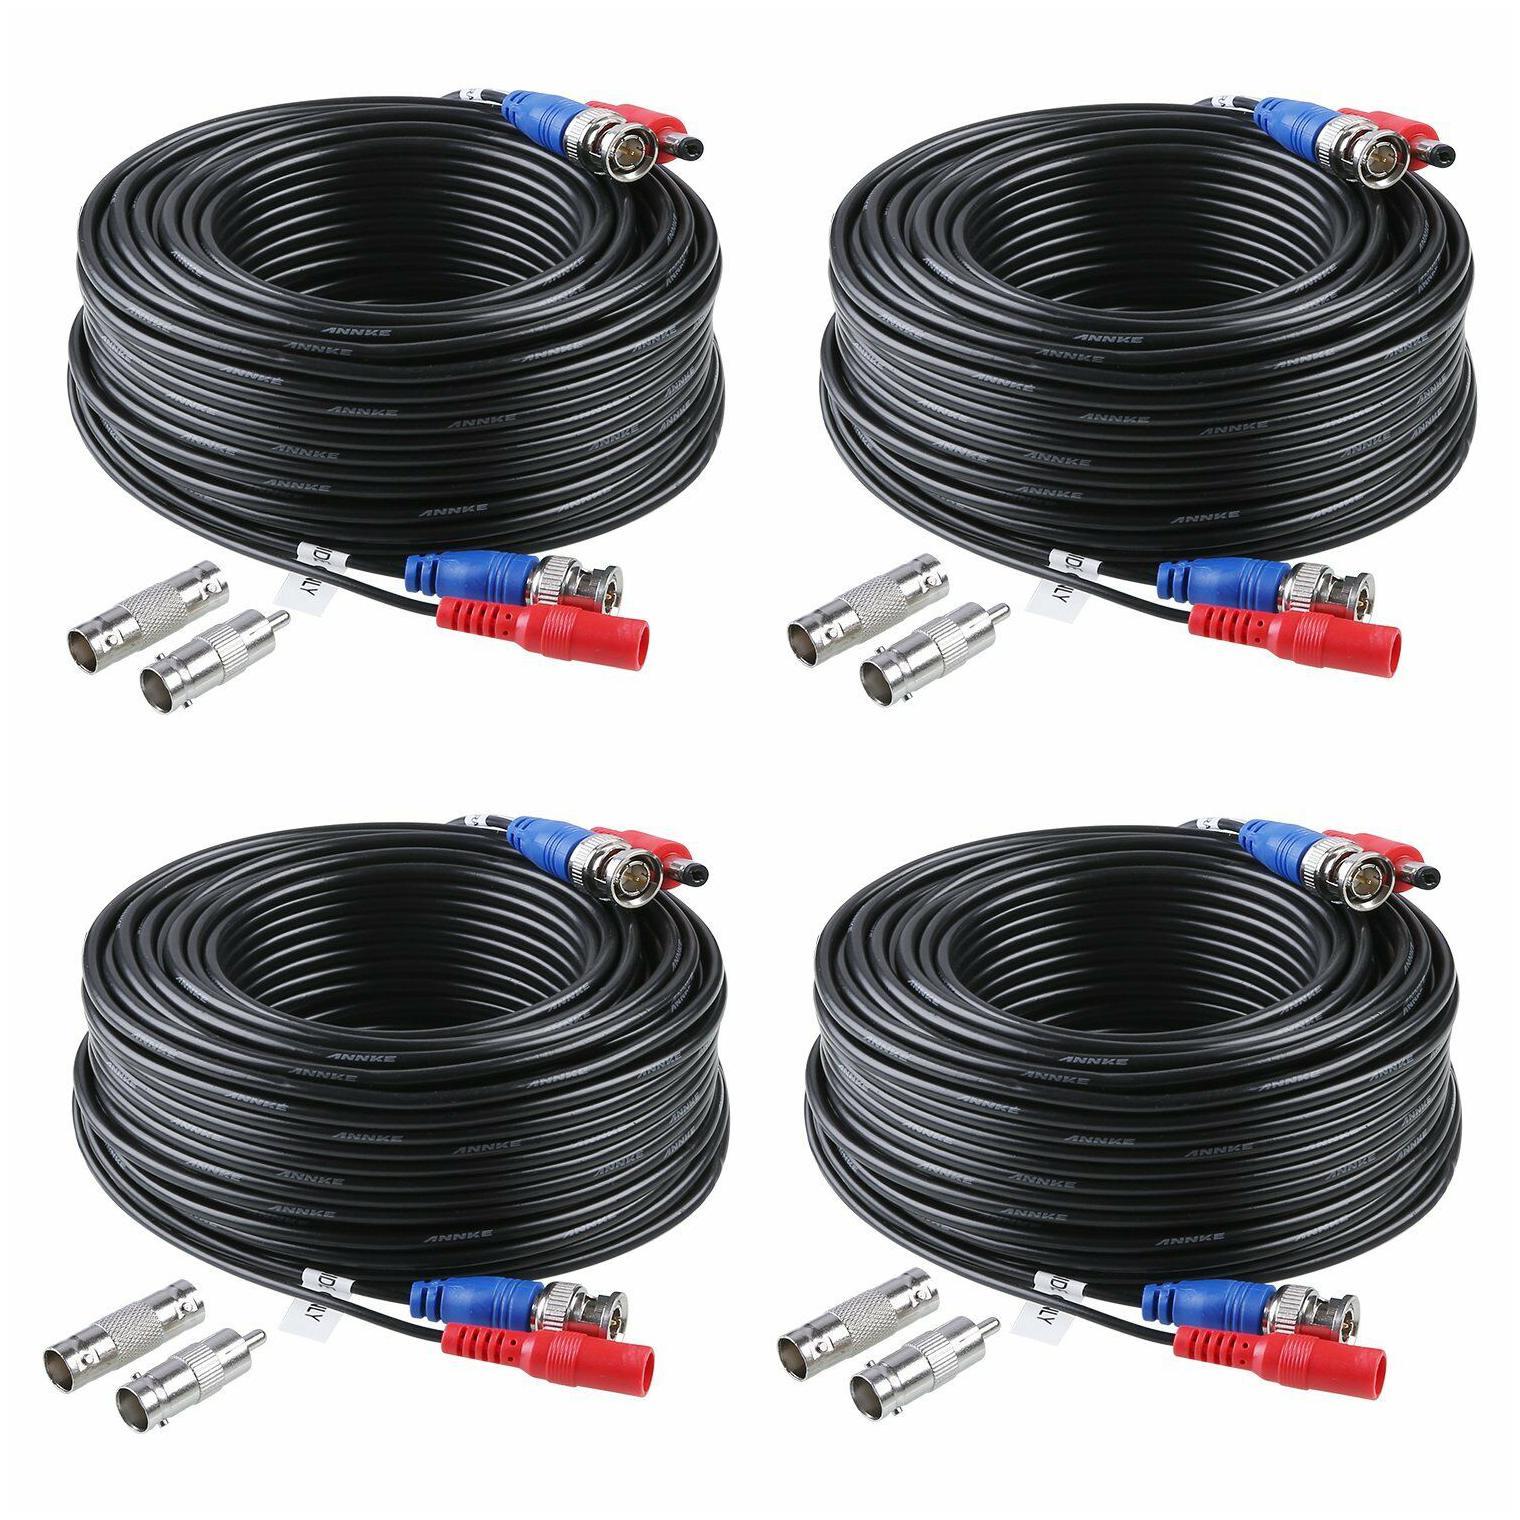 NEW 4X100ft Camara Cable BNC,Video Wire Cord de seguridad para CCTV DVR Black